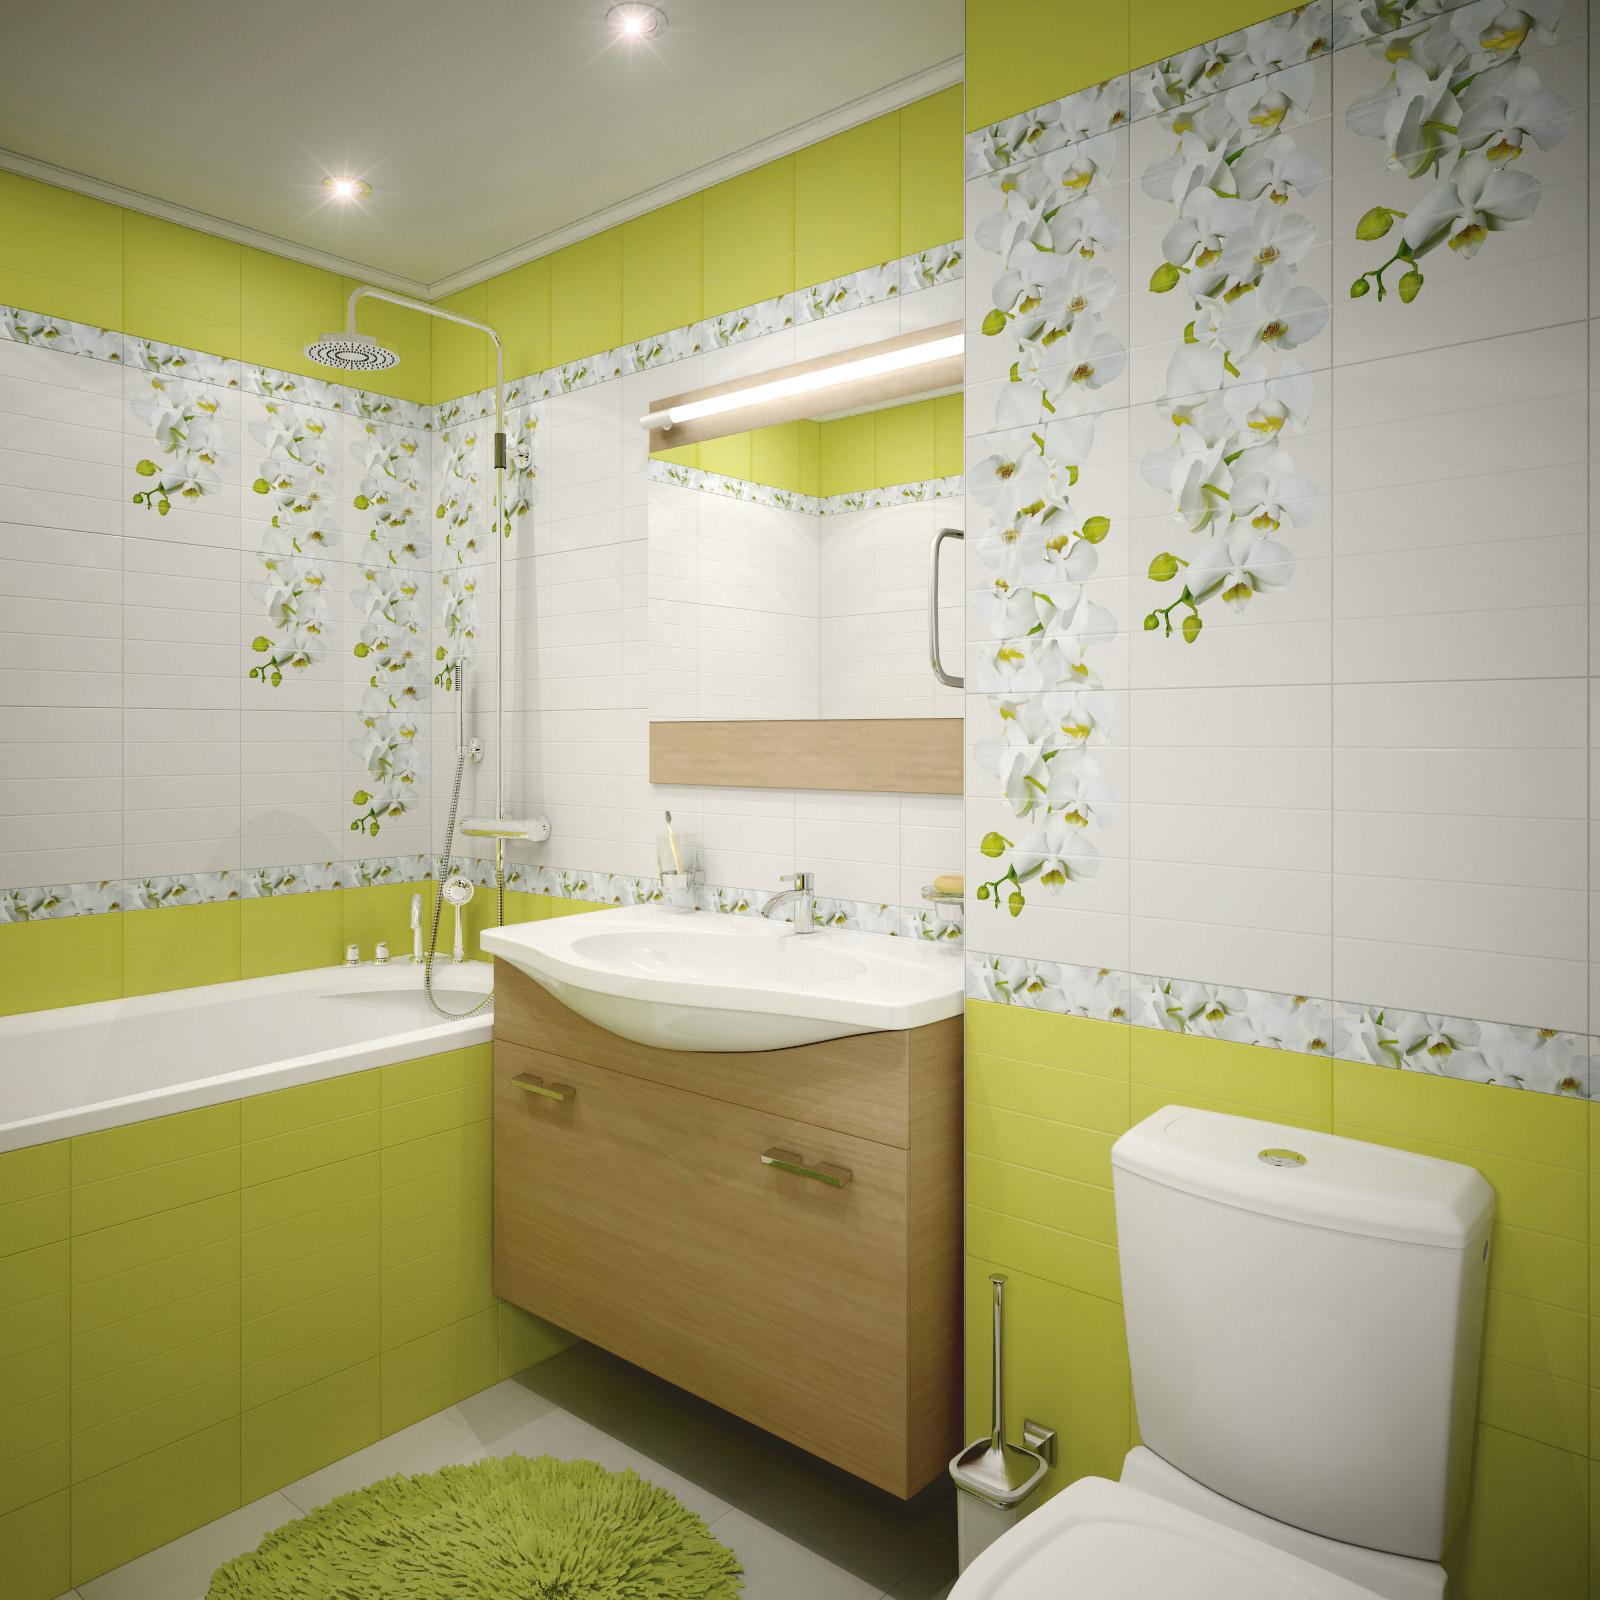 Кафельная плитка с рисунком цветов для ванной комнаты в зеленом цвете